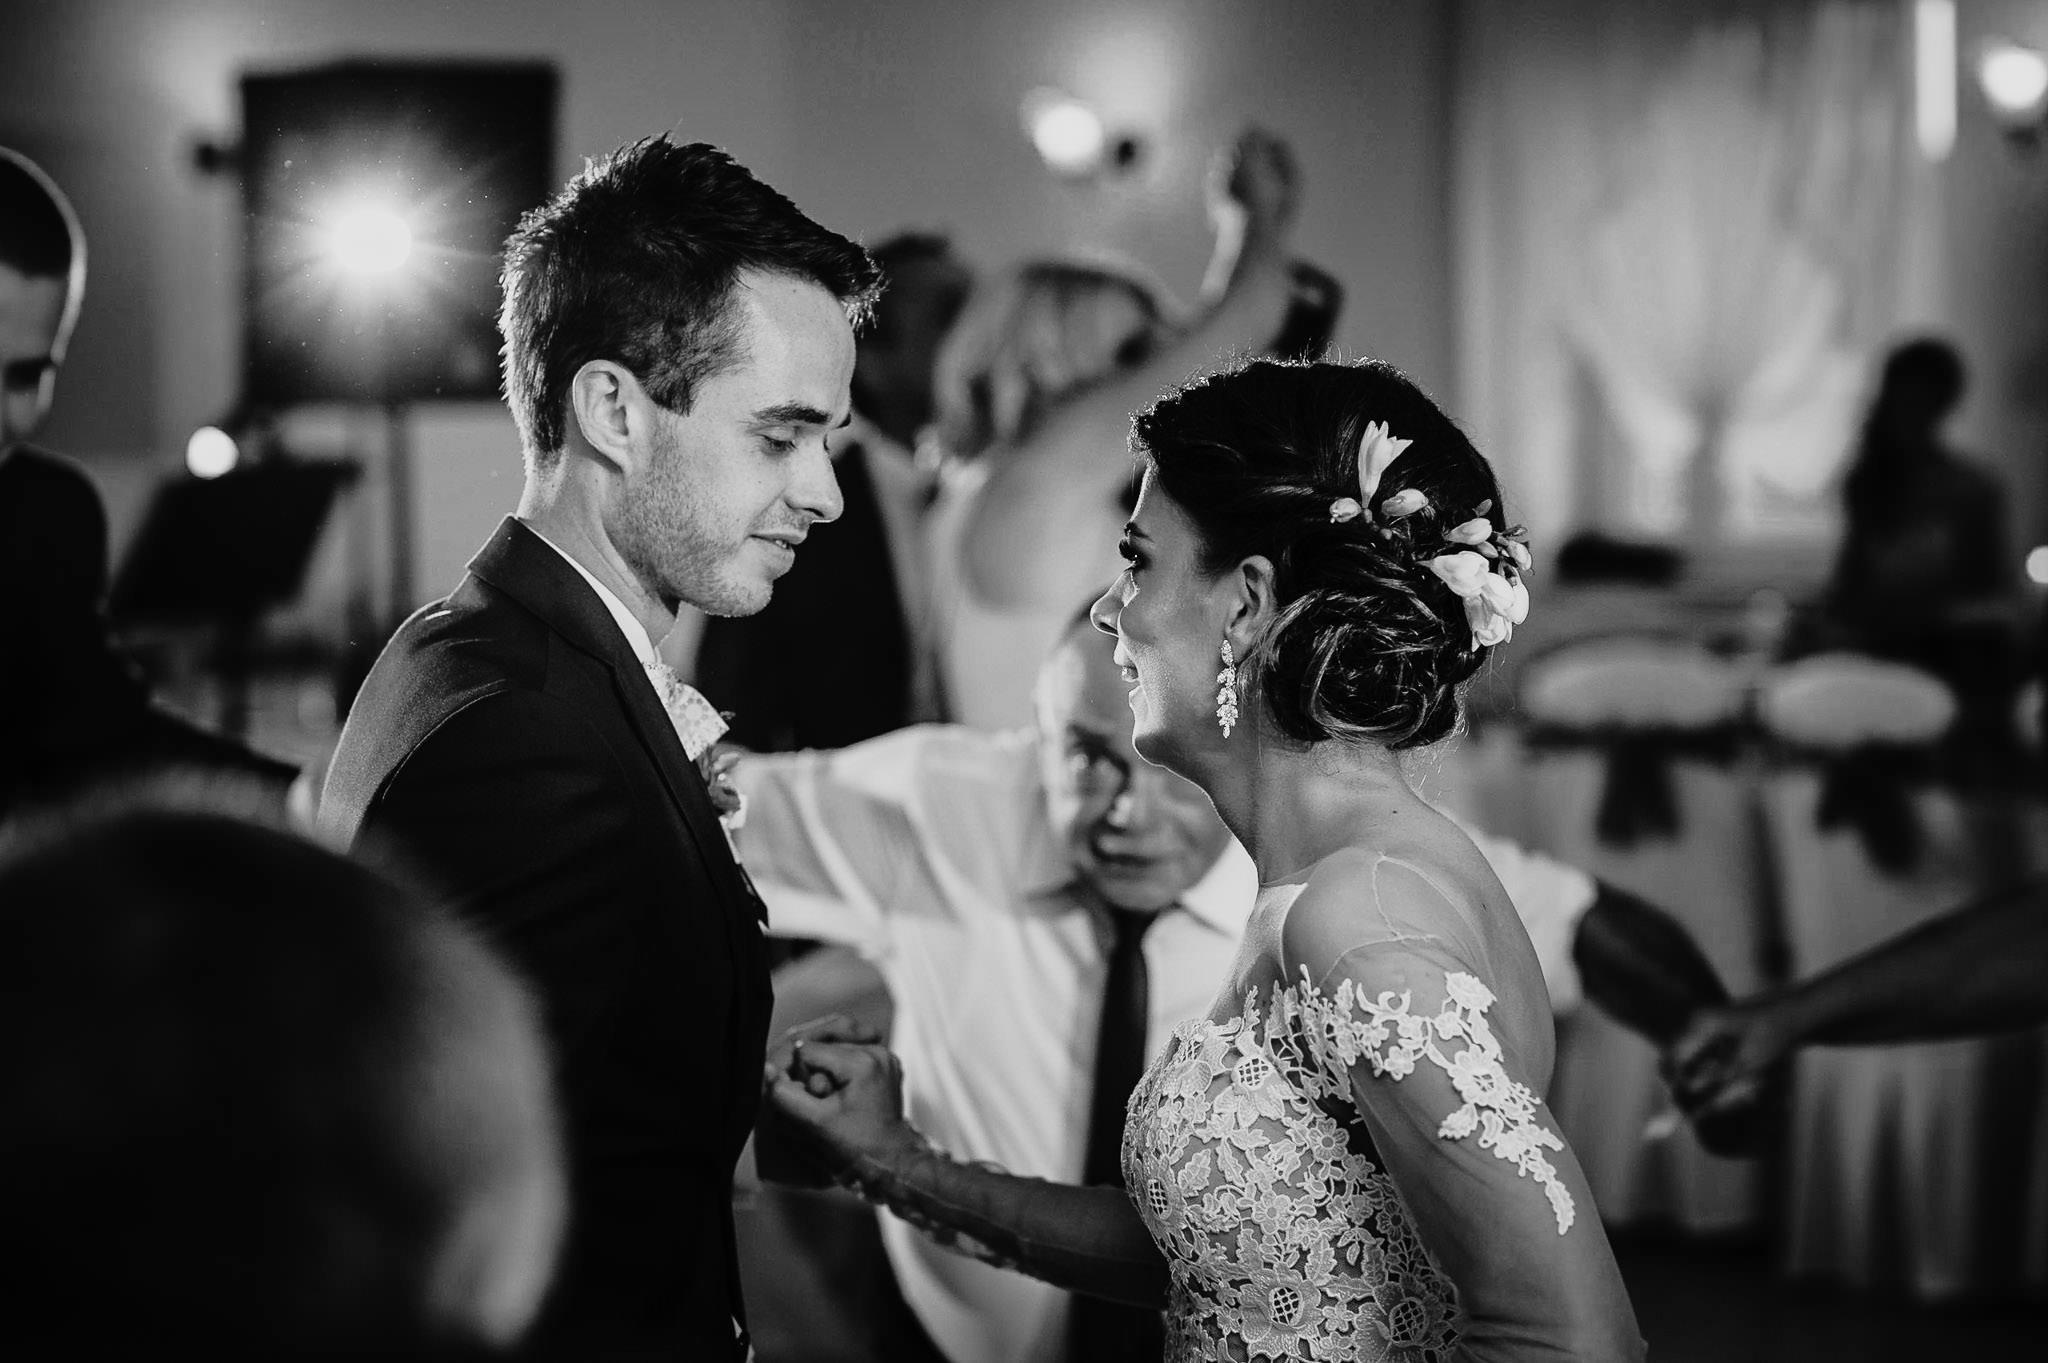 Angelika i Michał, piękne zdjęcia ślubne i sesja plenerowa w Gołuchowie 162